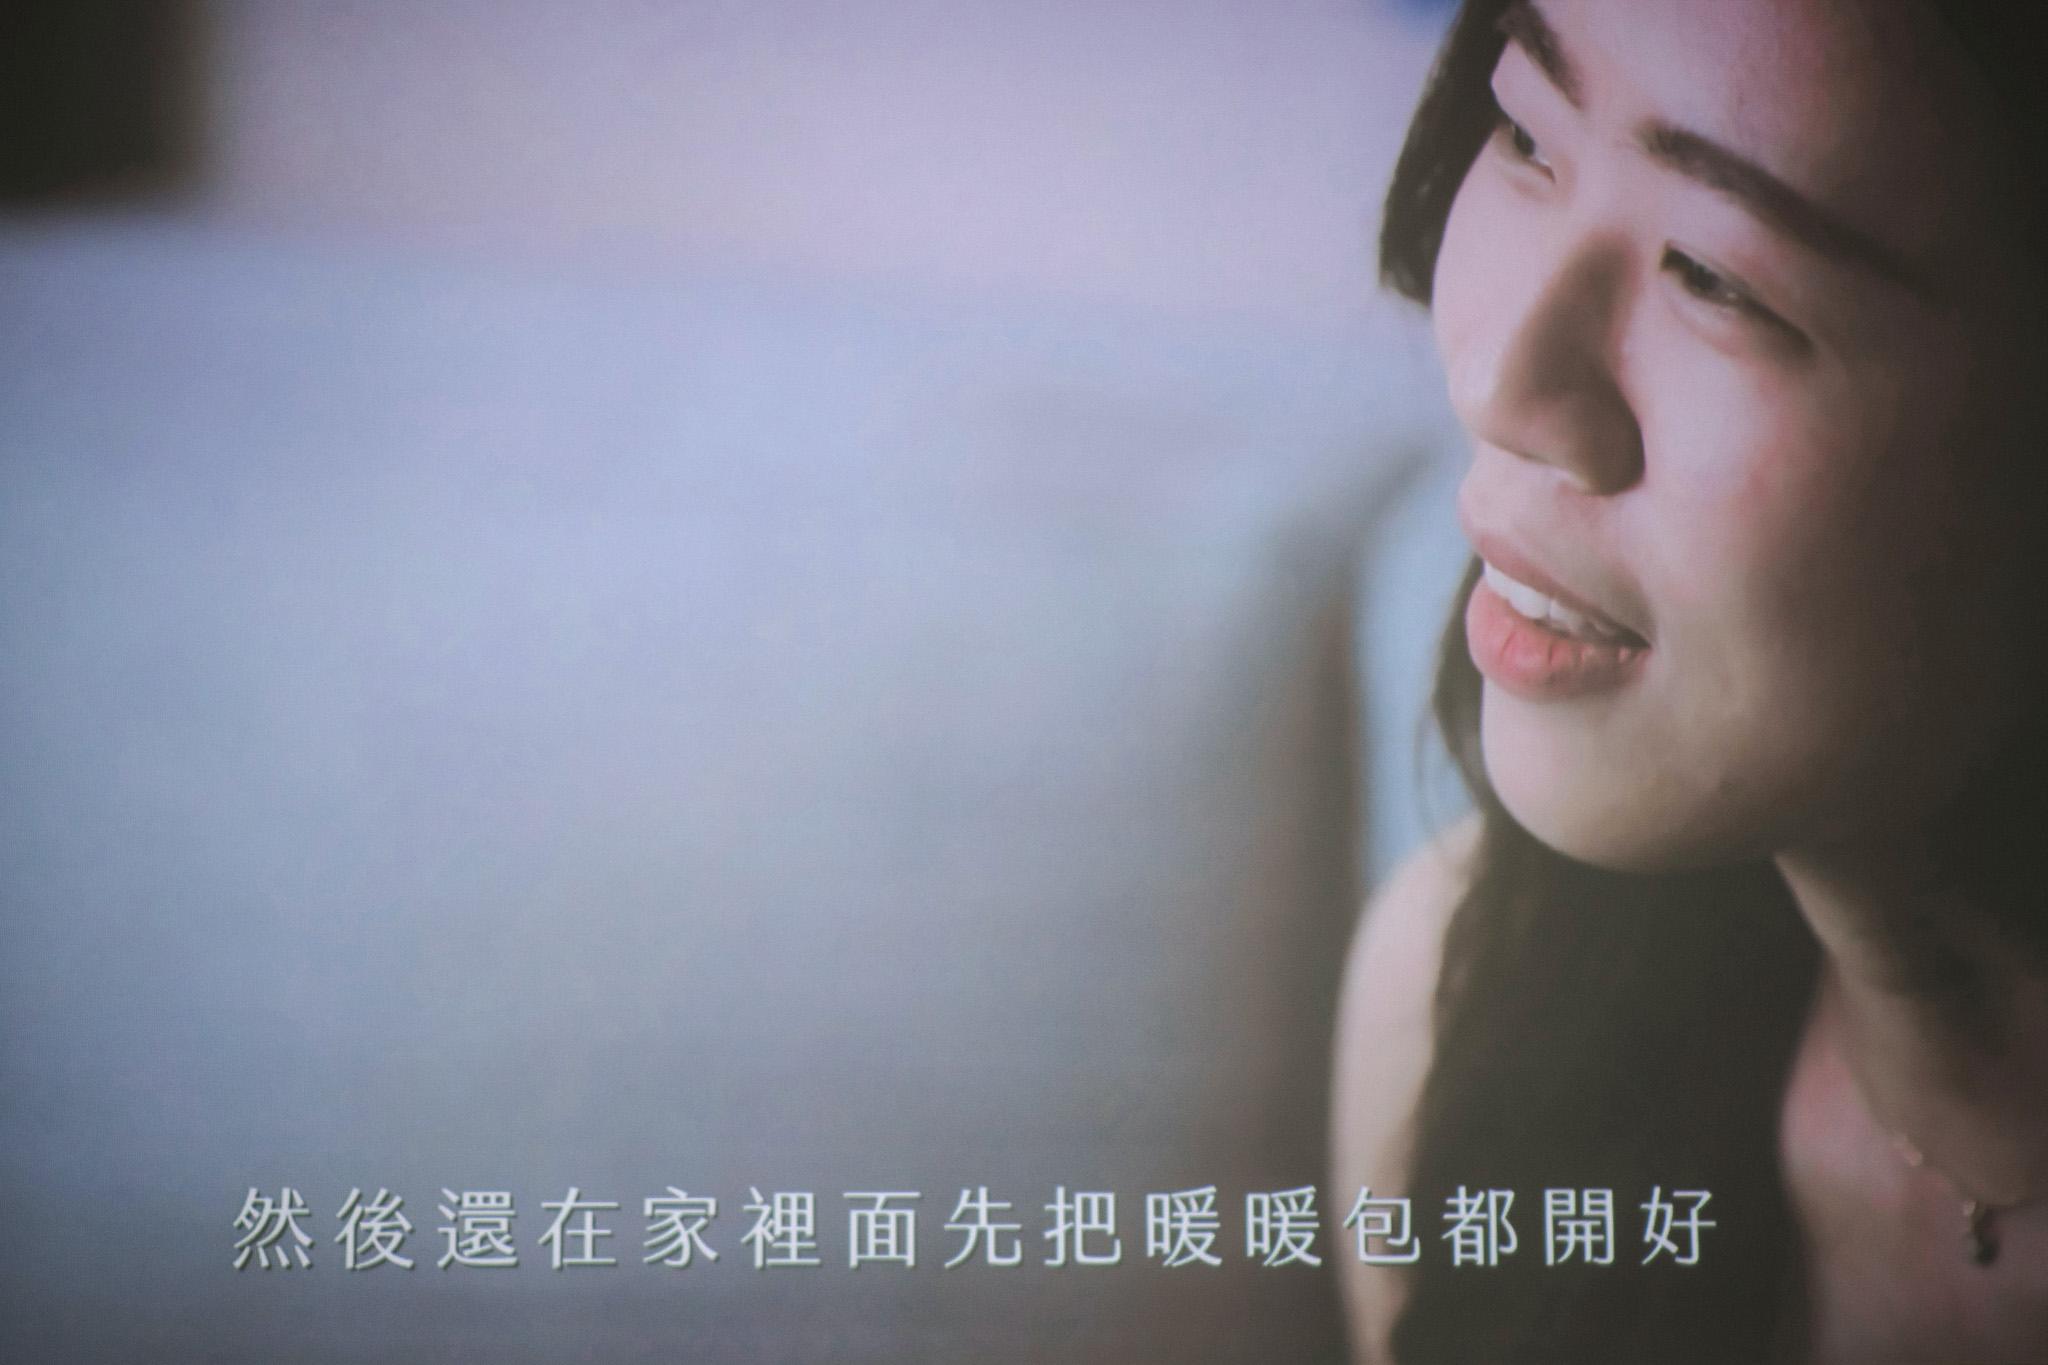 EW 居米 台北婚宴 台北婚紗 台北婚攝 國泰萬怡 台北婚禮 -46